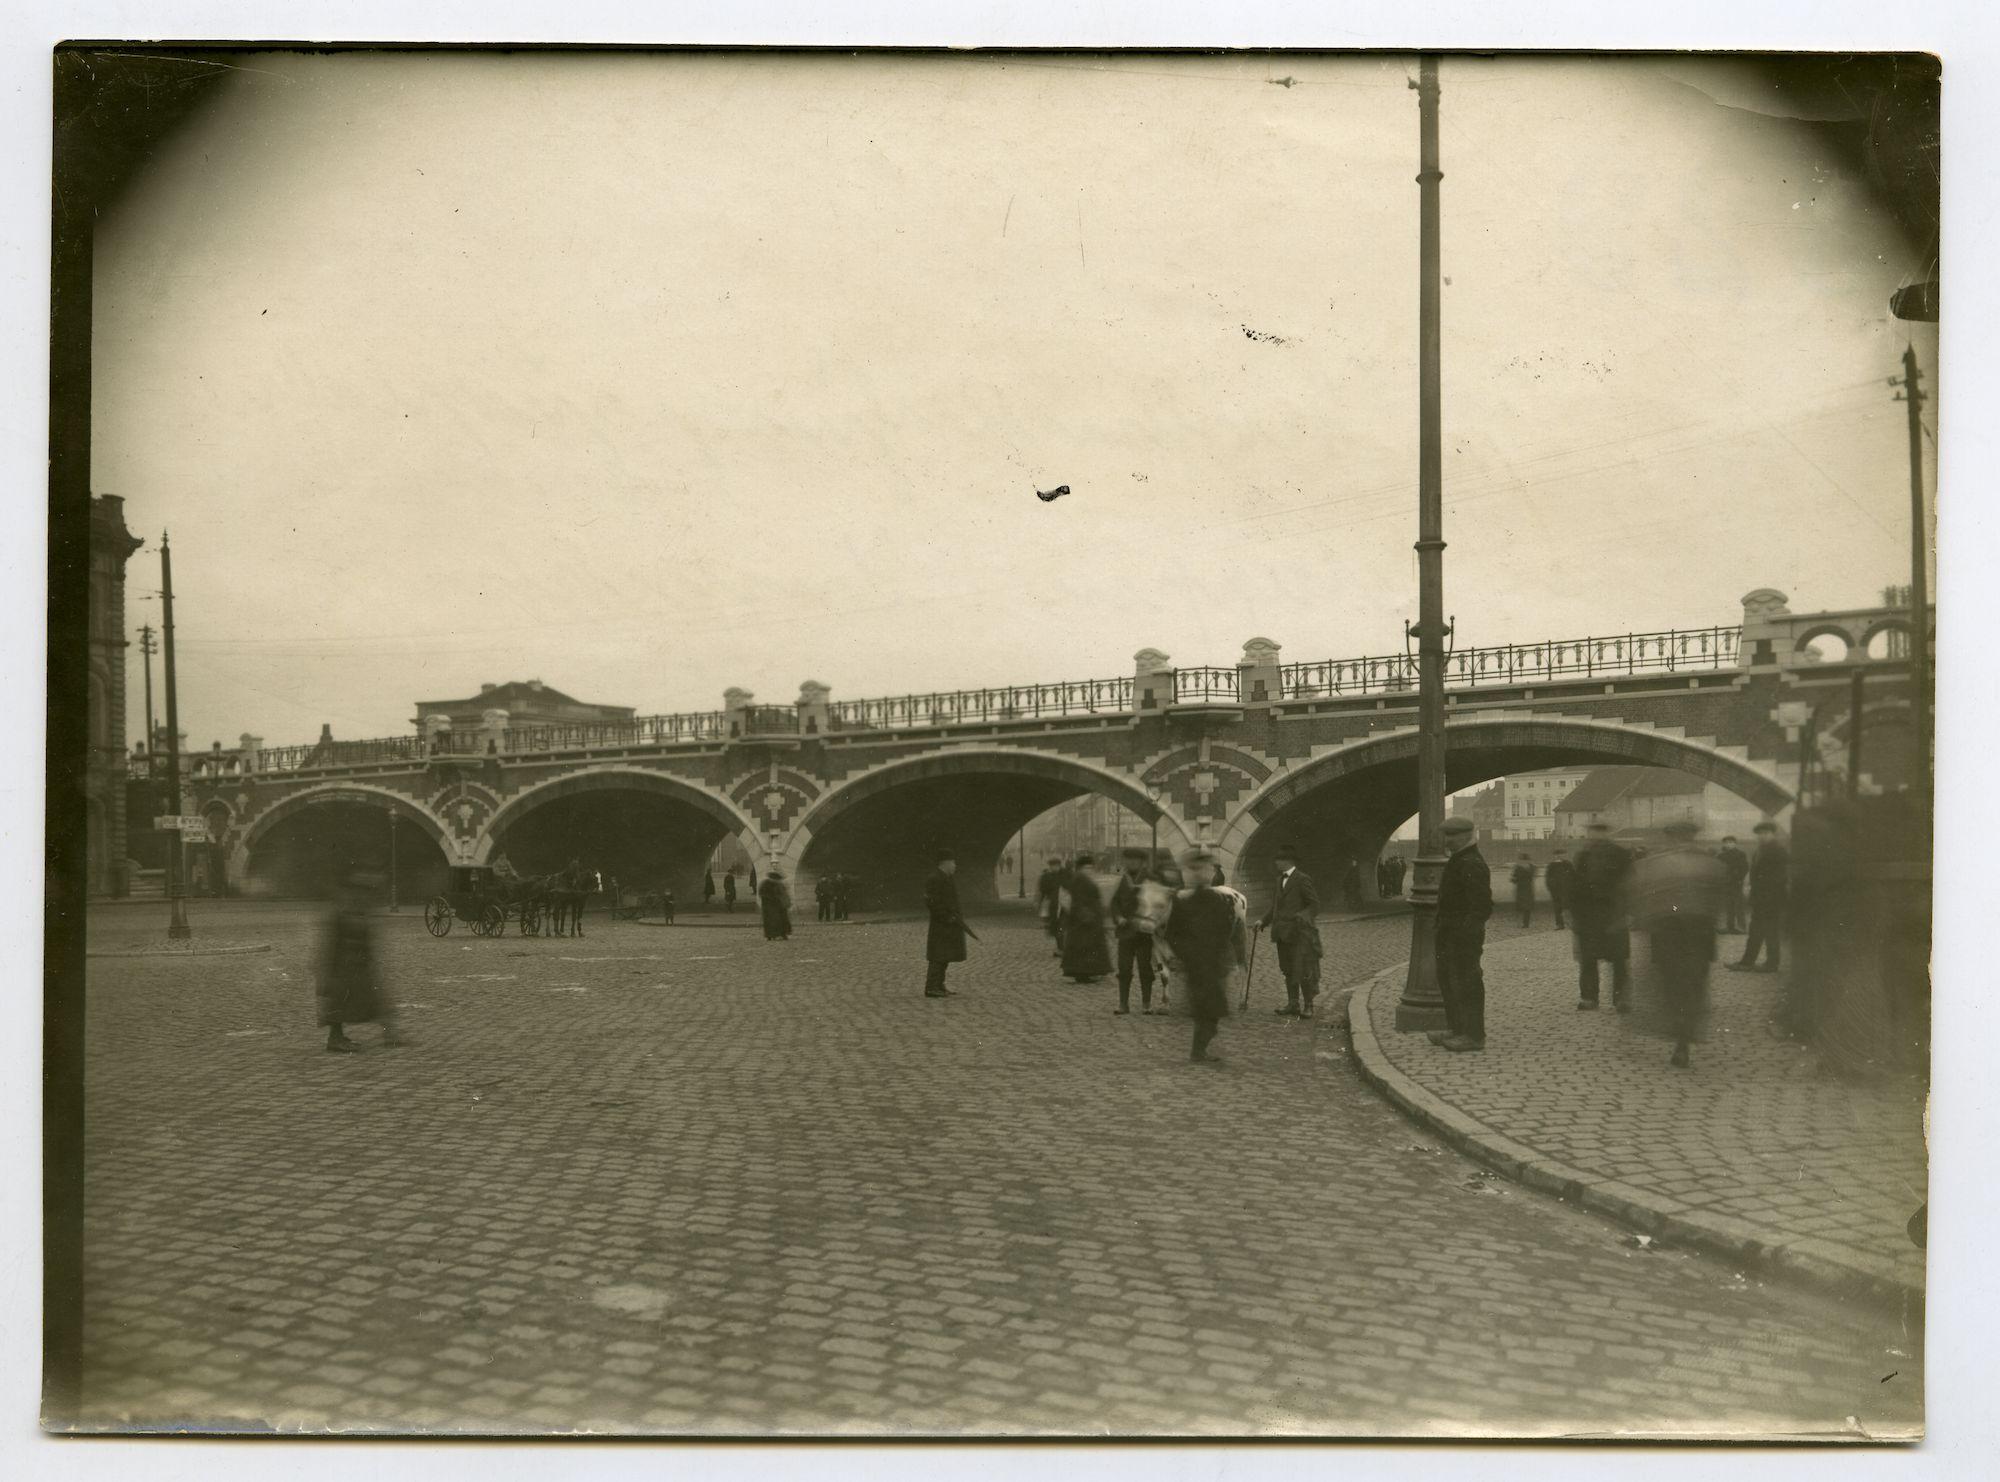 Gent: Oktrooiplein: spoorwegviaduct voor het oude station Gent-Dampoort, 1915-1916